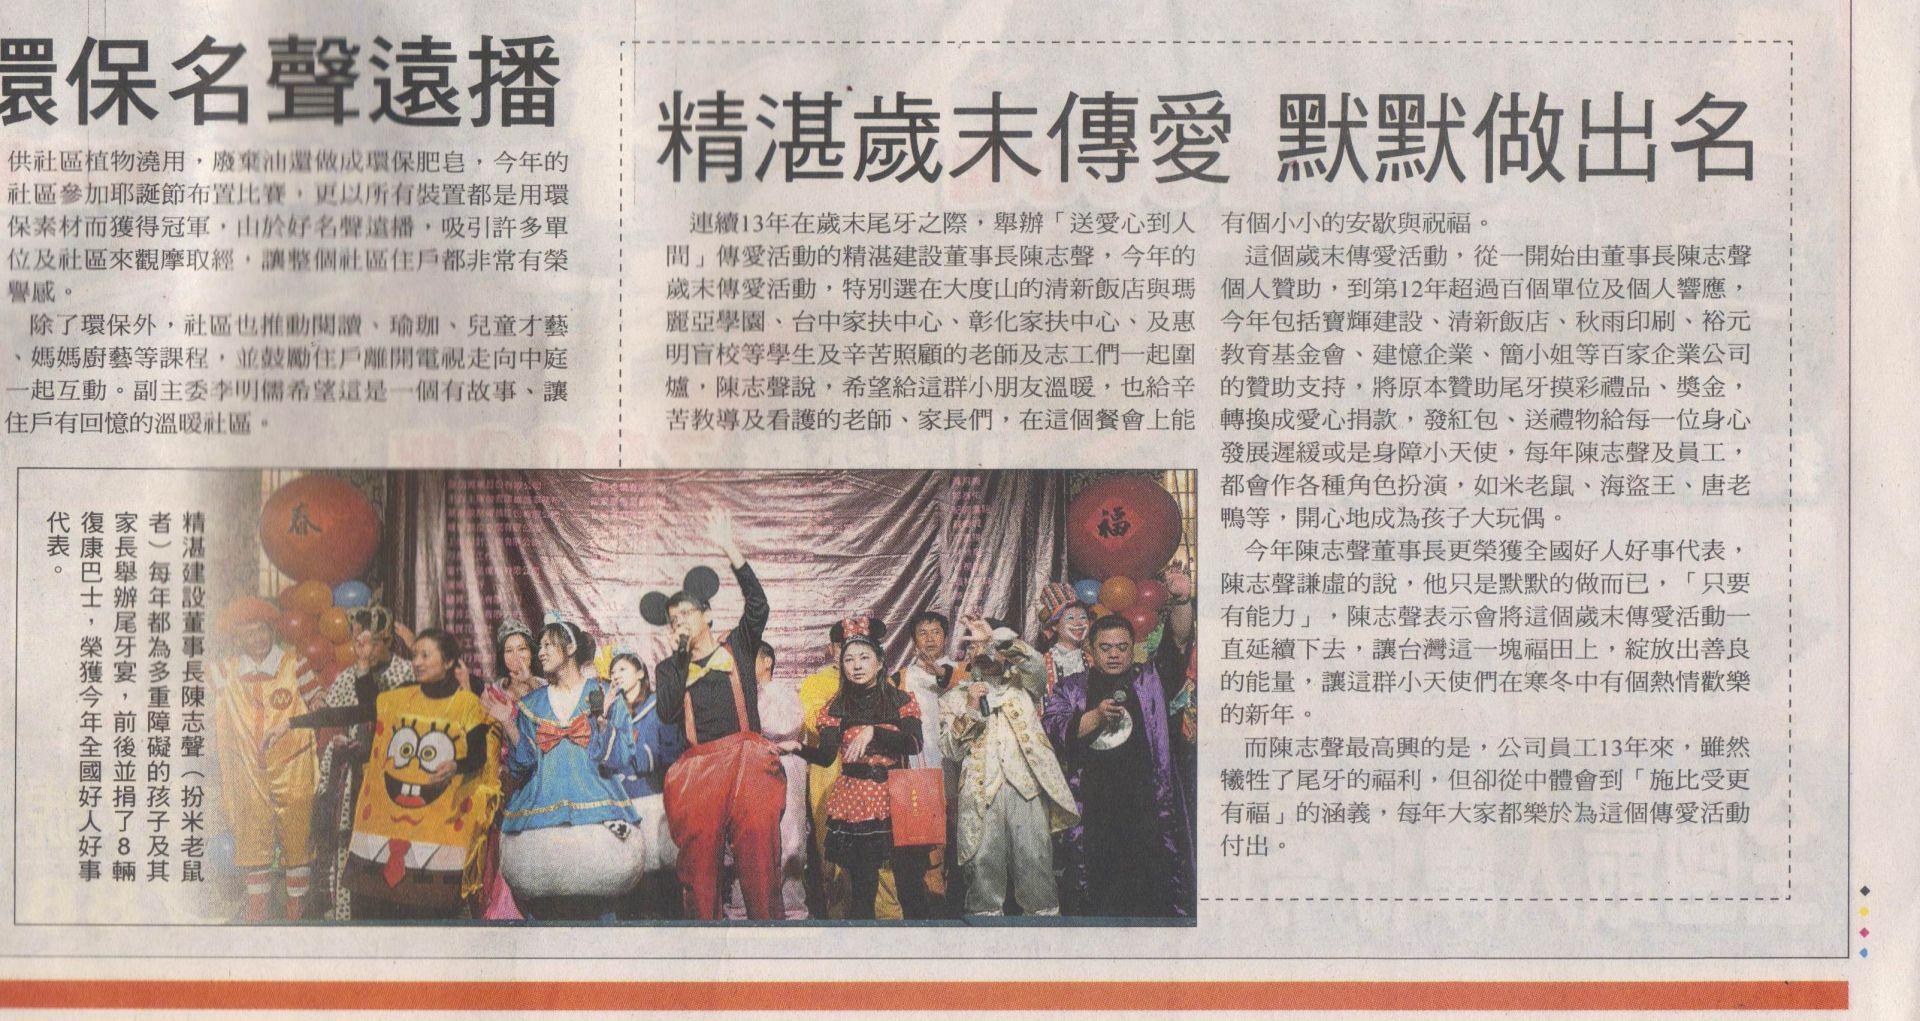 20111225自由時報_精湛歲未傳愛默默做出名